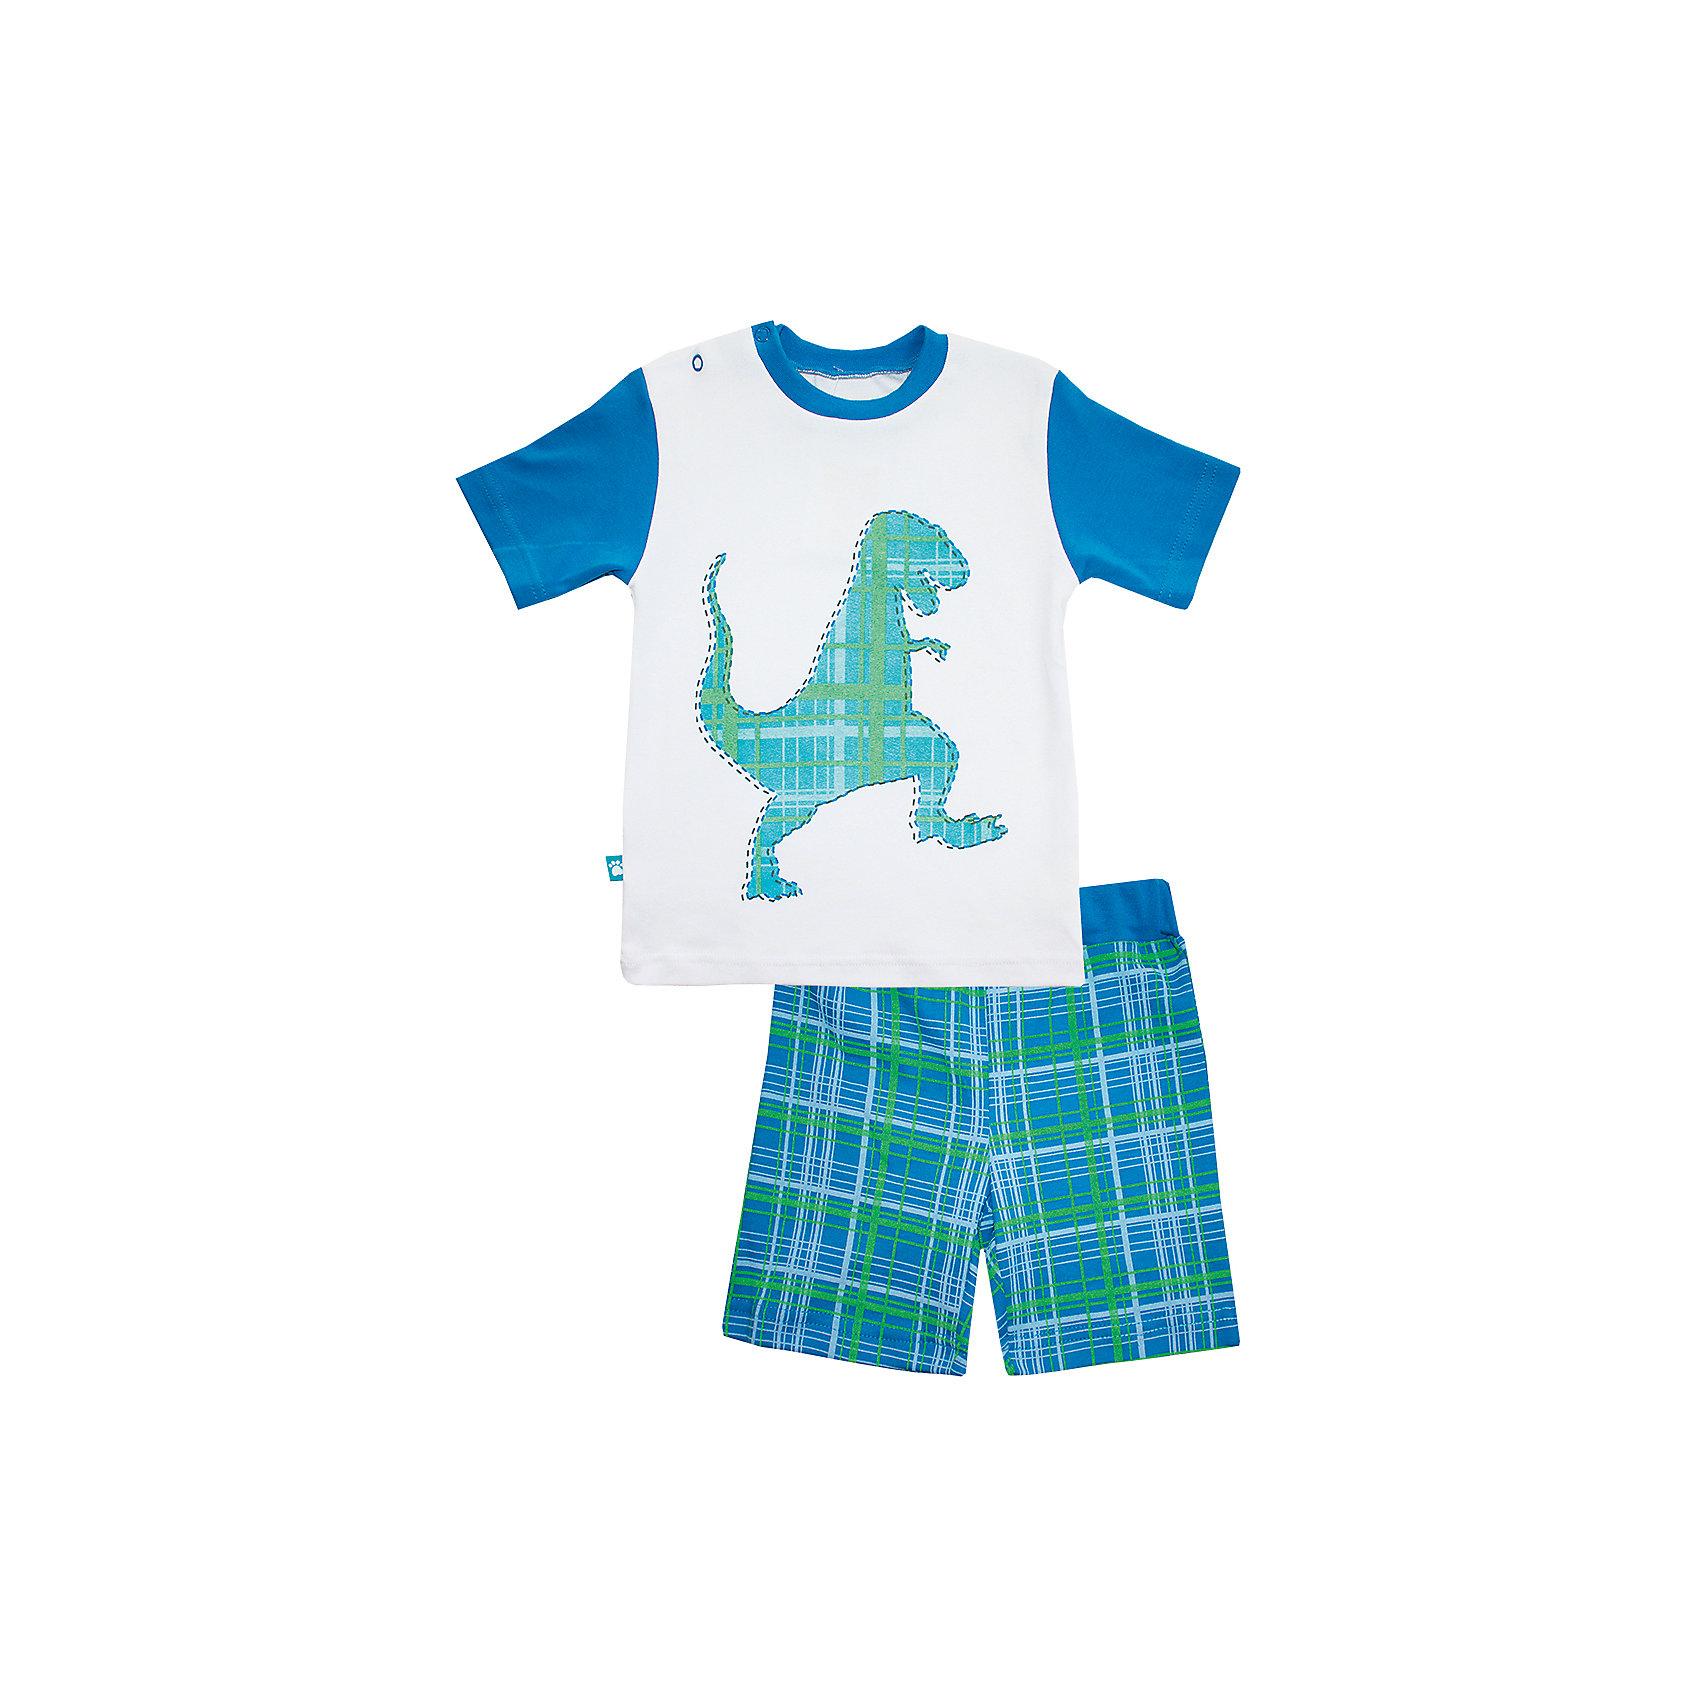 Пижама: майка и шорты для мальчика KotMarKotПижамы и сорочки<br>Пижама: майка и шорты для мальчика от известного бренда KotMarKot<br>Состав:<br>100% хлопок<br><br>Ширина мм: 281<br>Глубина мм: 70<br>Высота мм: 188<br>Вес г: 295<br>Цвет: разноцветный<br>Возраст от месяцев: 24<br>Возраст до месяцев: 36<br>Пол: Мужской<br>Возраст: Детский<br>Размер: 98,134,92,104,110,116,122,128<br>SKU: 5069377